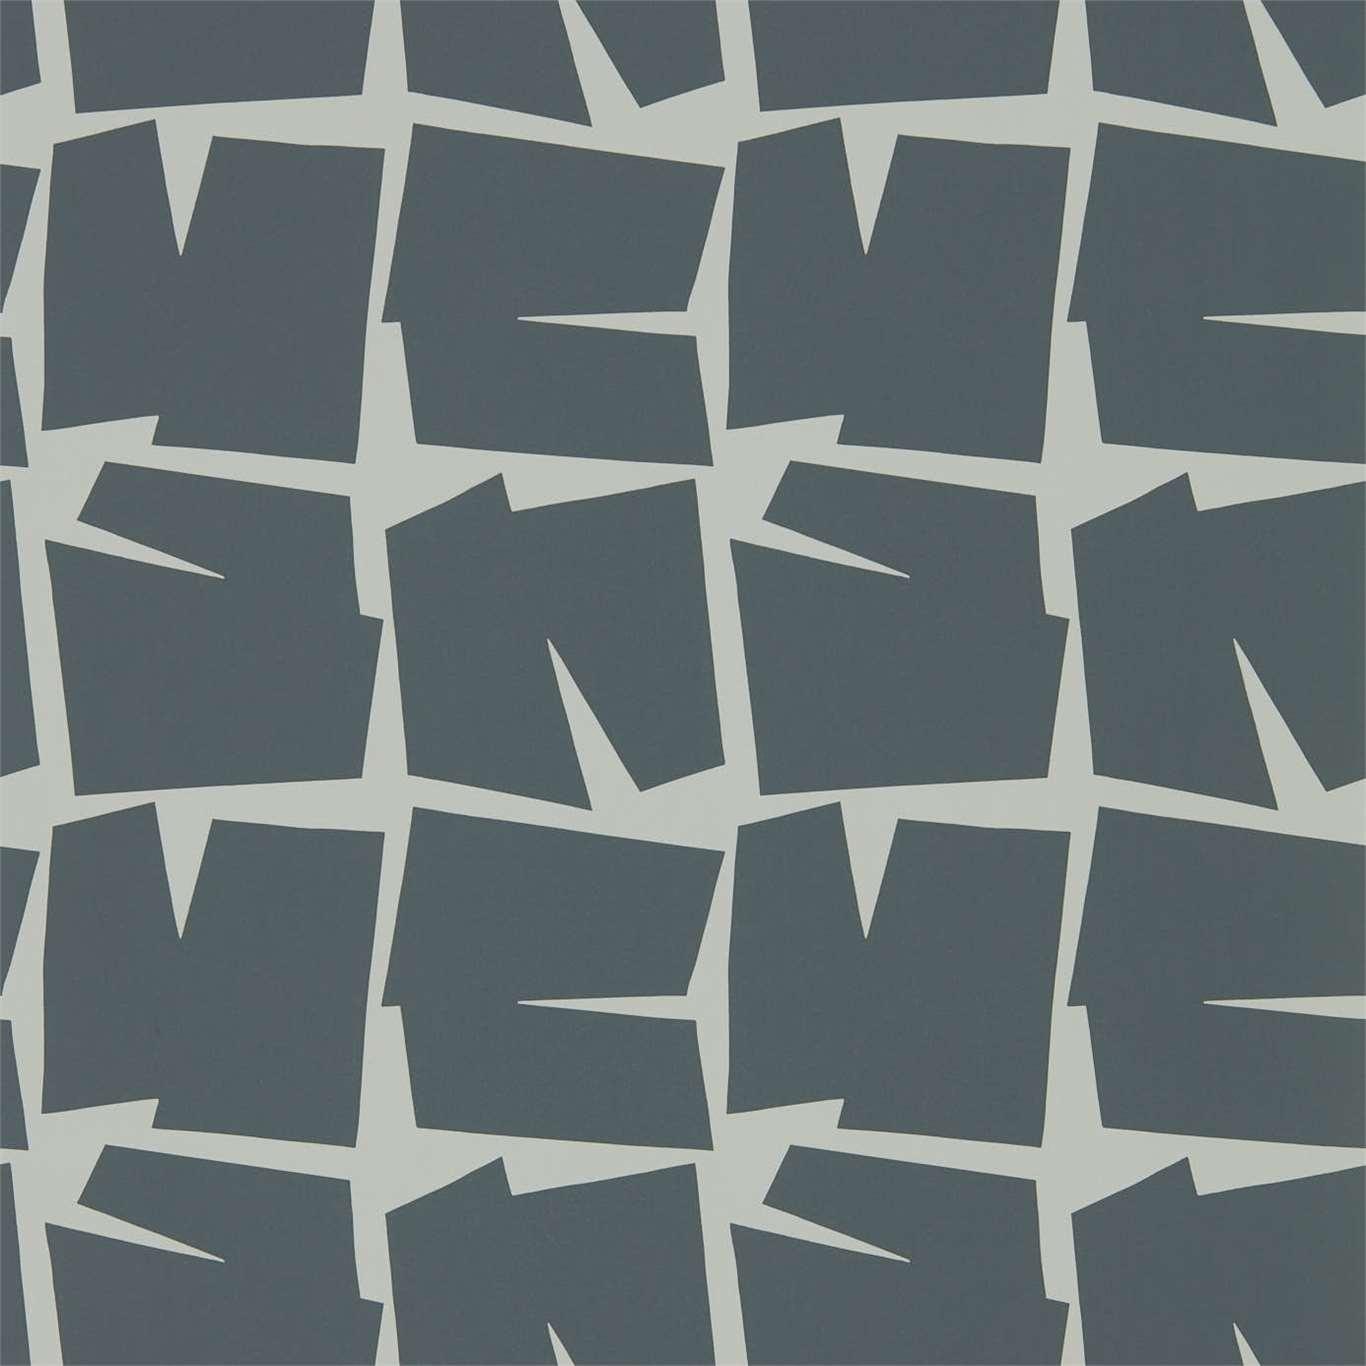 Image of Scion Moqui Liquorice Wallpaper 111804